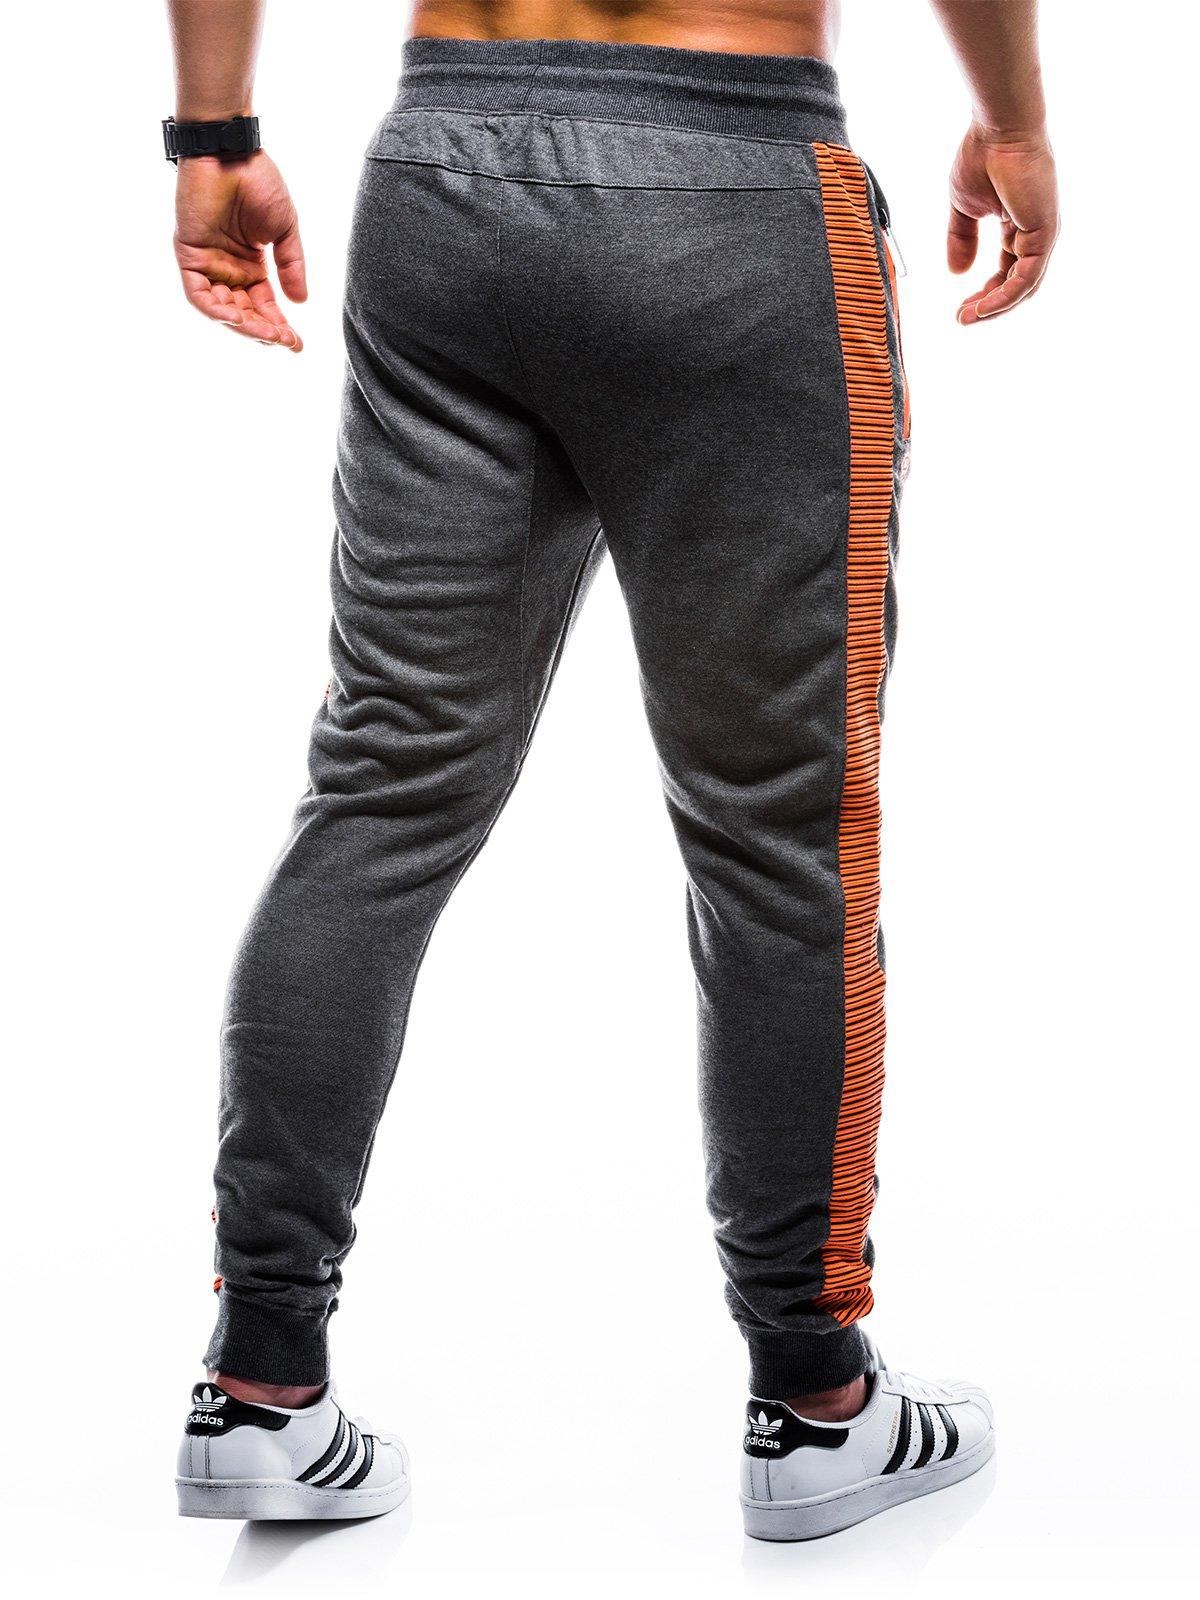 Spodnie męskie dresowe 730P grafitowepomarańczowe